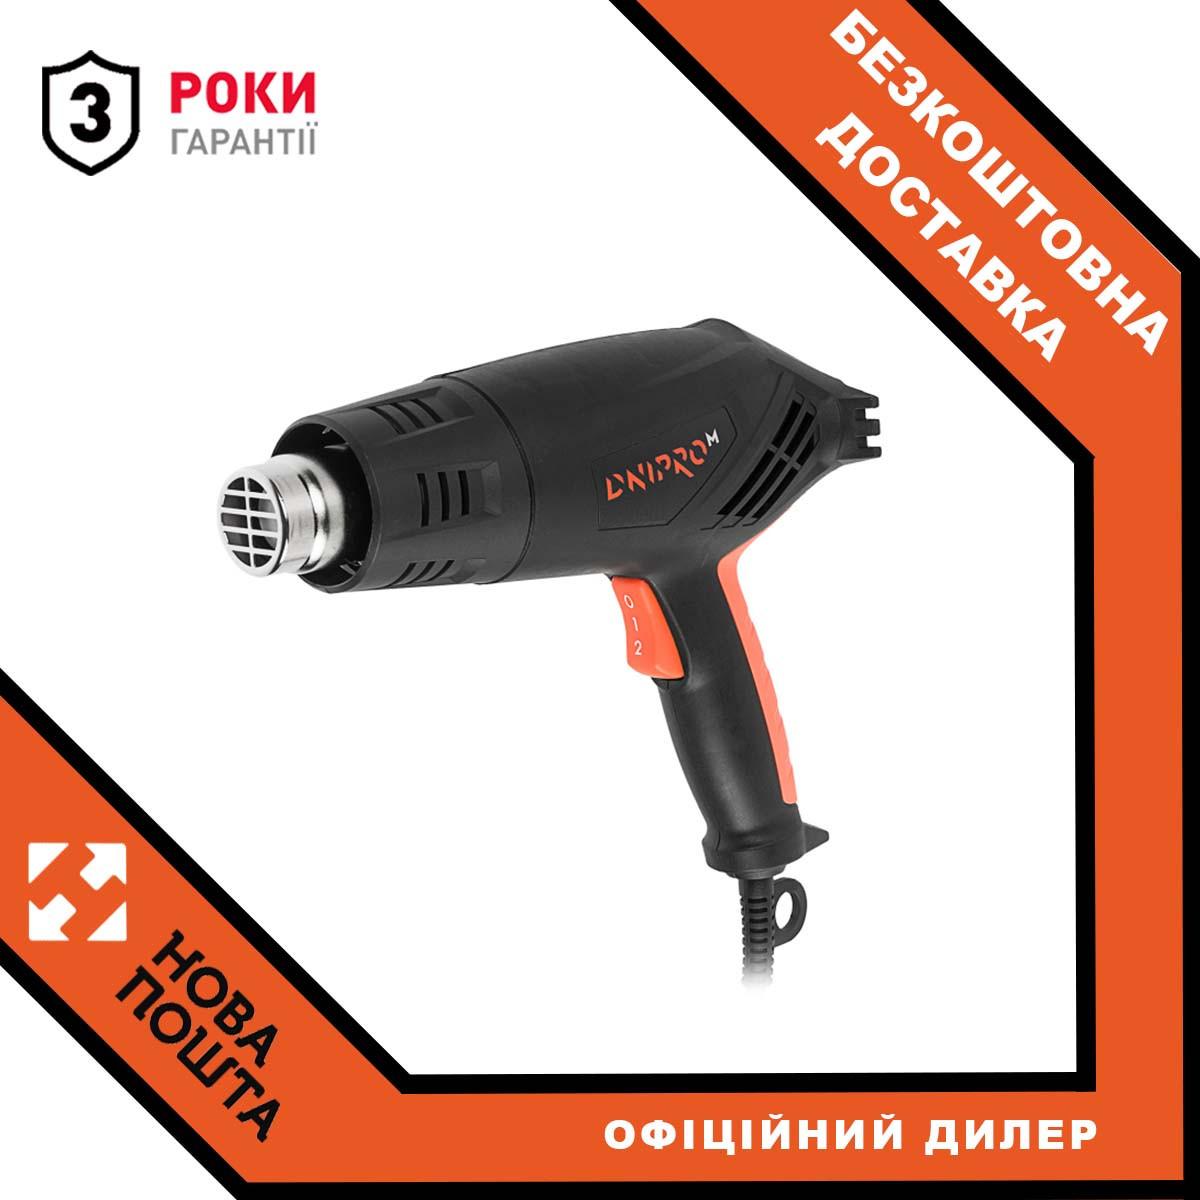 Фен промисловий Dnipro-M GH-200